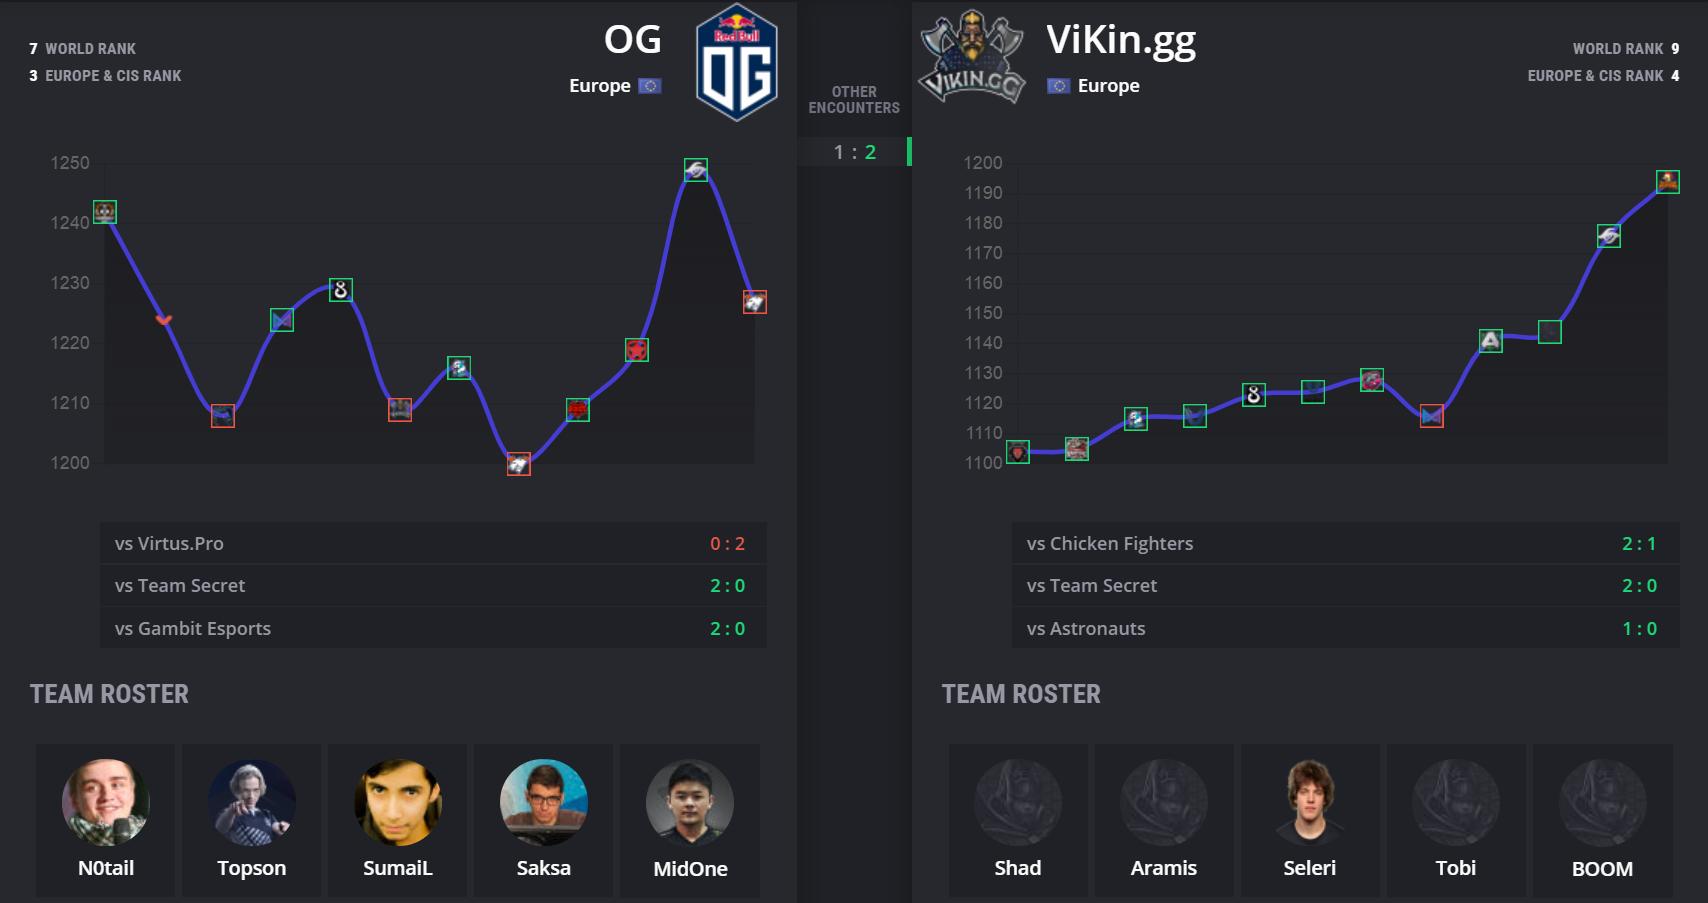 api cdn.gametv.vn 848cd70602ef42fc4ae1bdf07983626d - ESL One Los Angeles: OG vs Vikin.gg - Khi nhà vô địch run rẩy